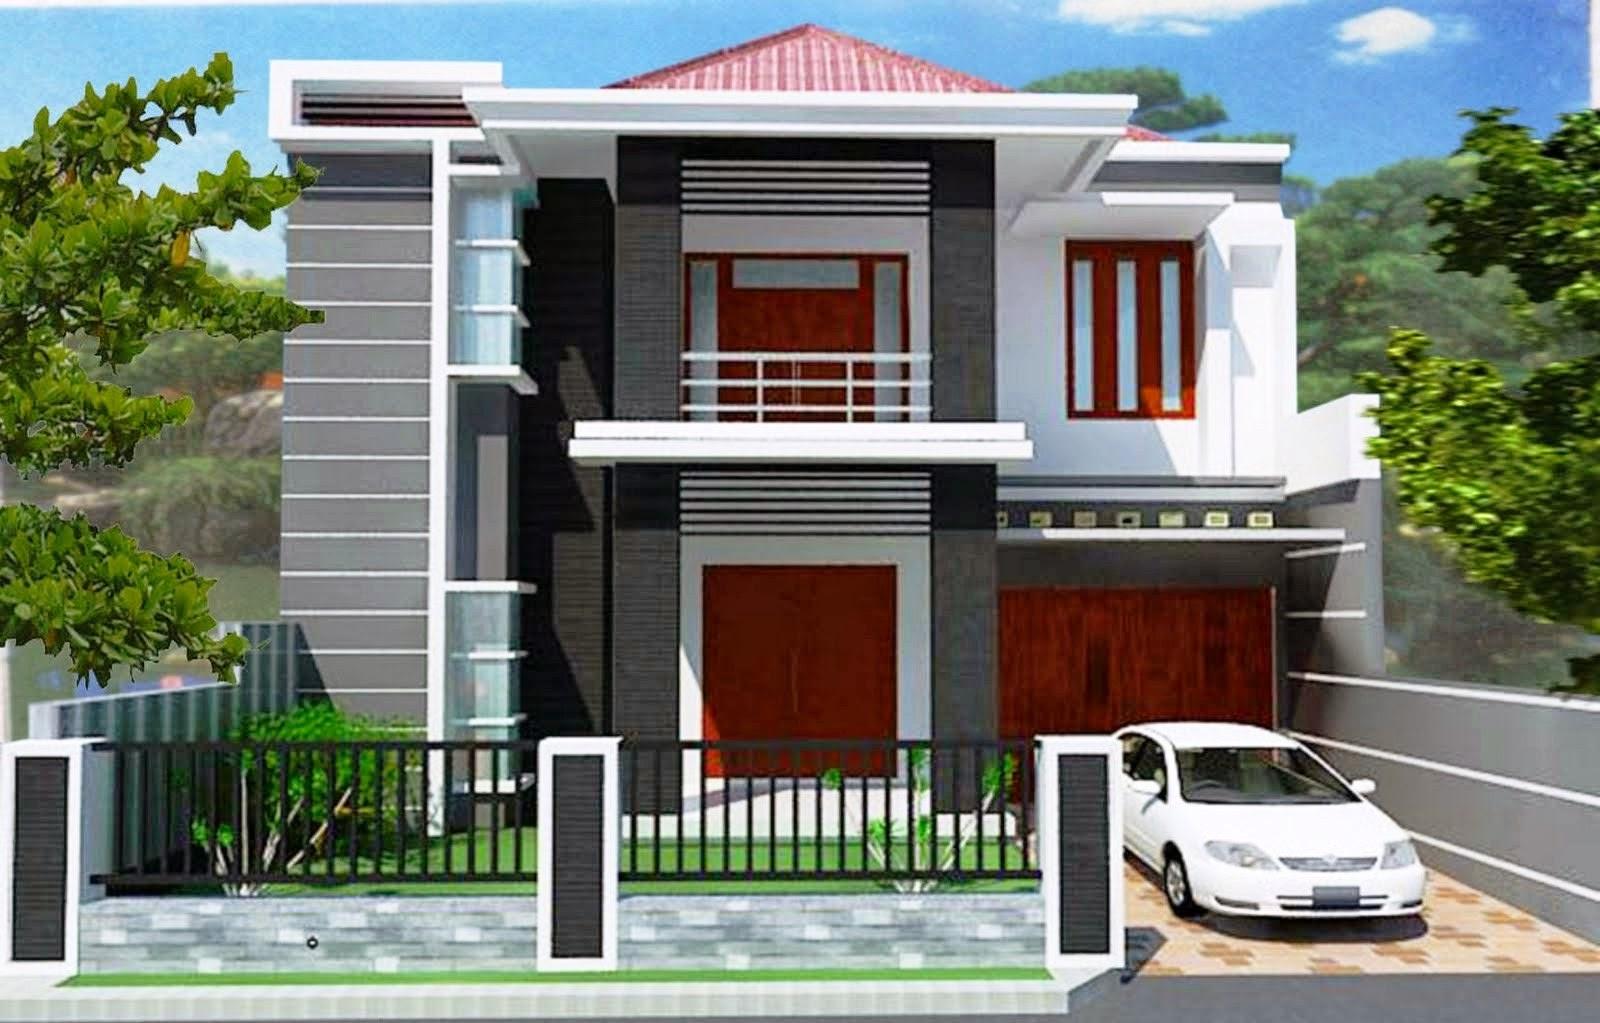 Foto Rumah Minimalis Modern Terbaru4